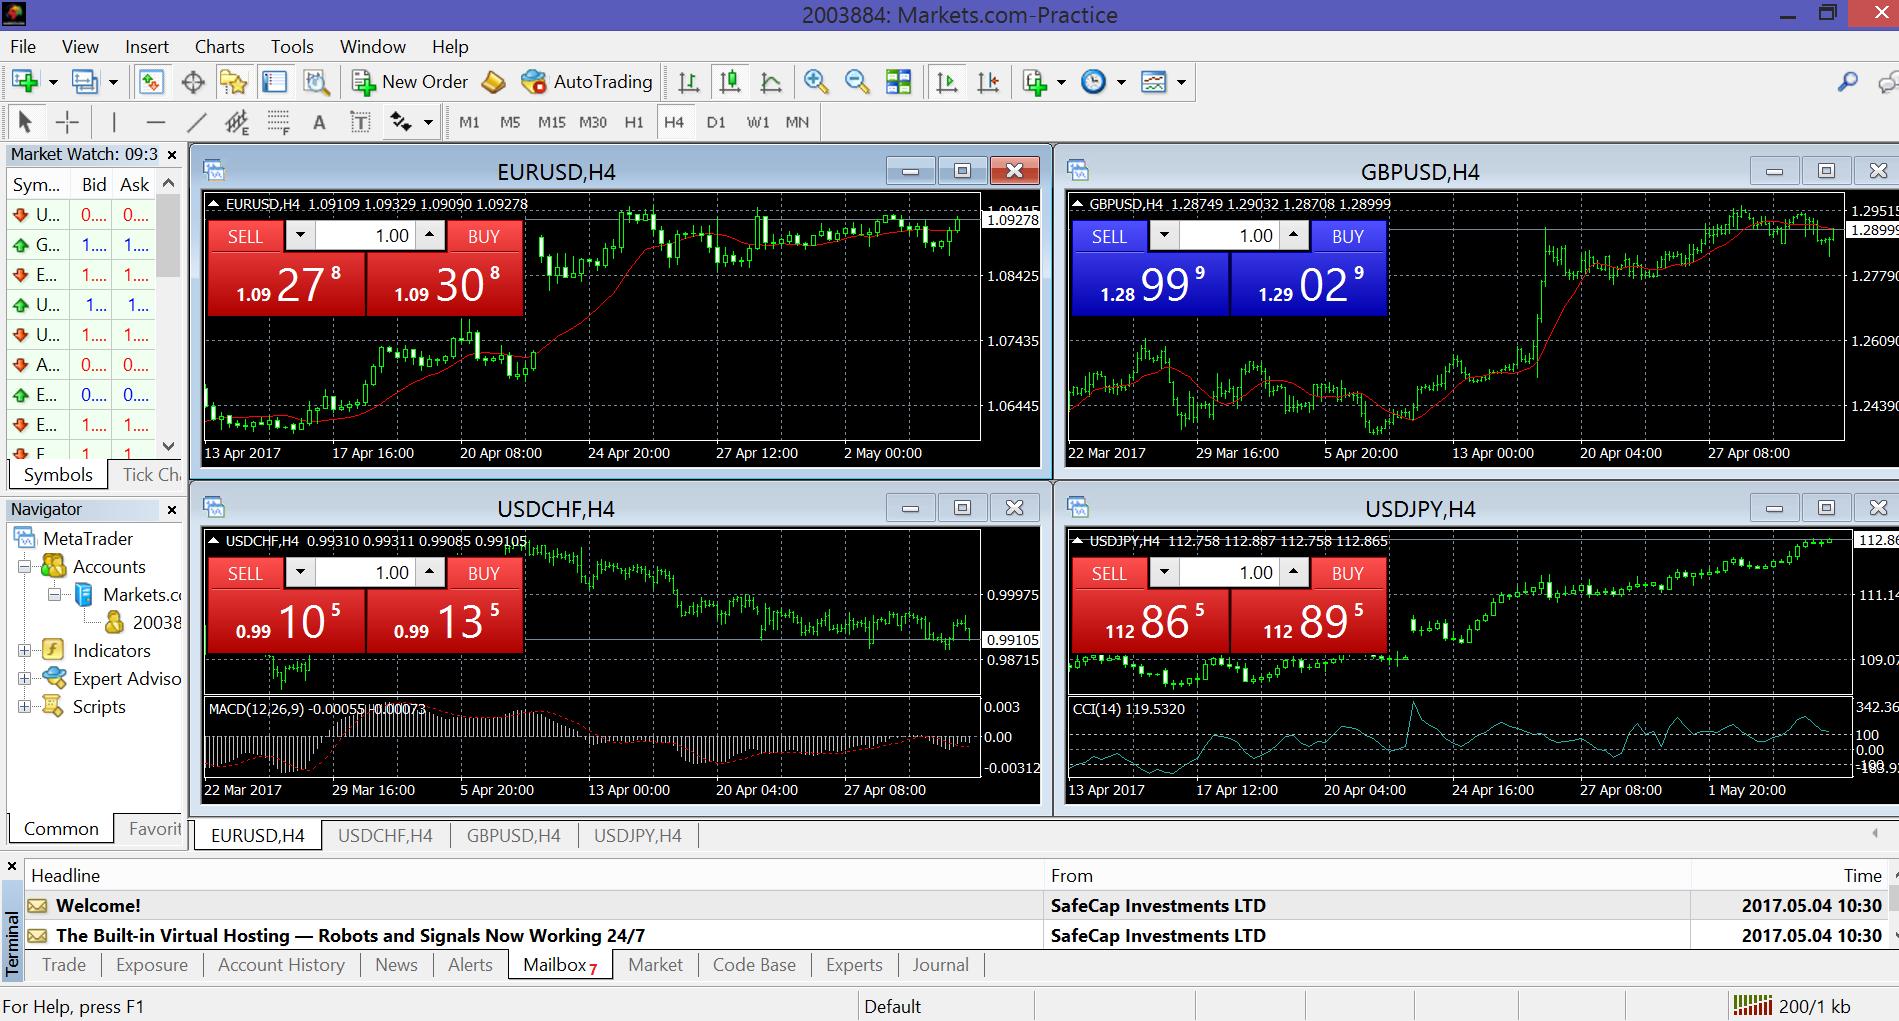 Tredicesimo passo per attivare un conto demo MetaTrader 4 su Markets